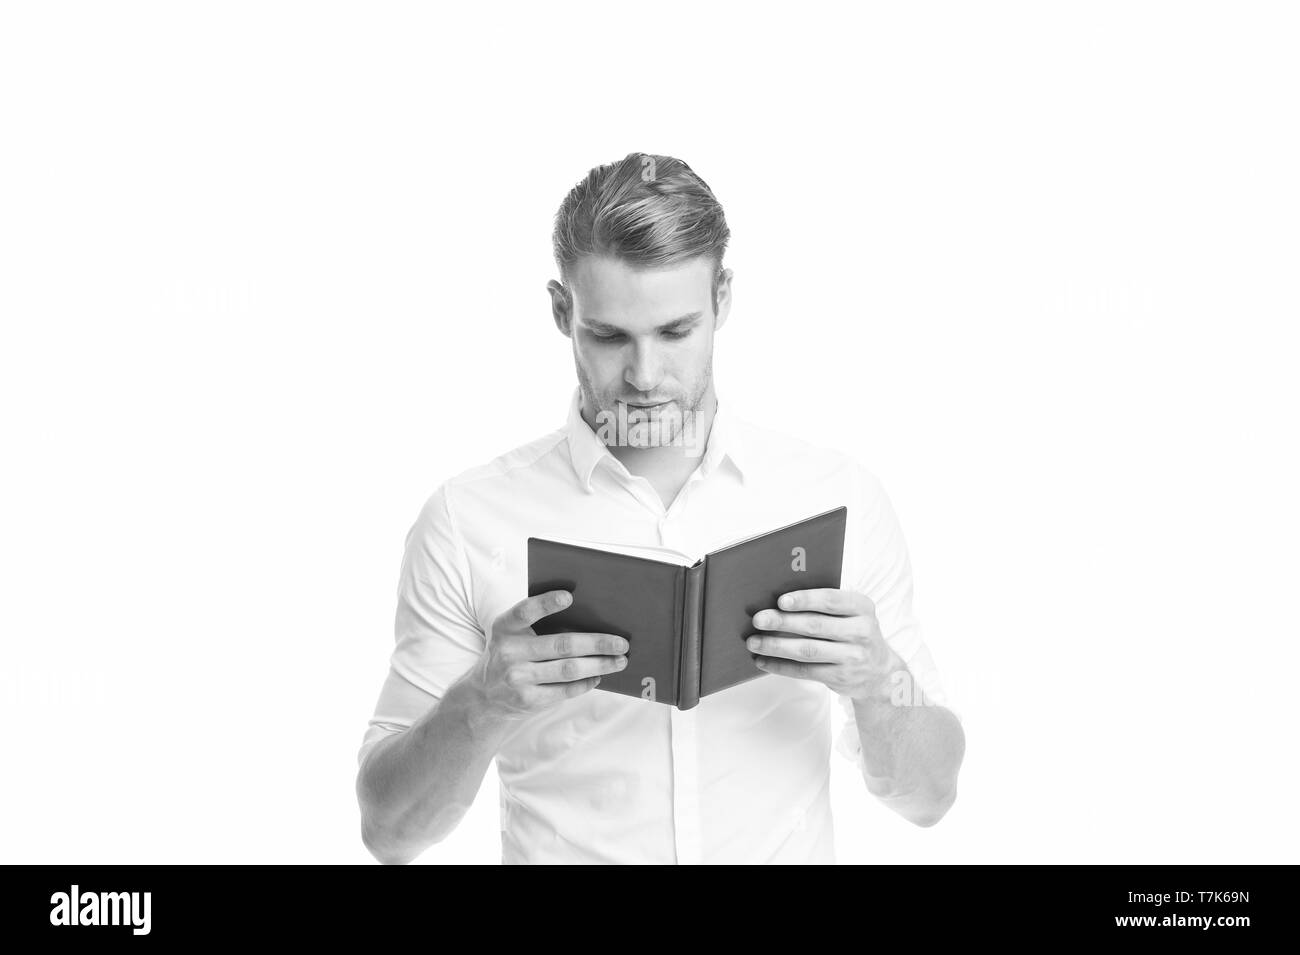 Imprenditore bello la lettura del libro. Imprenditore leggere il libro per il miglioramento di auto. Cerca interessante idea. Leggendo la letteratura per adulti. L uomo nella ricerca di informazioni per il progetto di business. La lettura come hobby. Immagini Stock